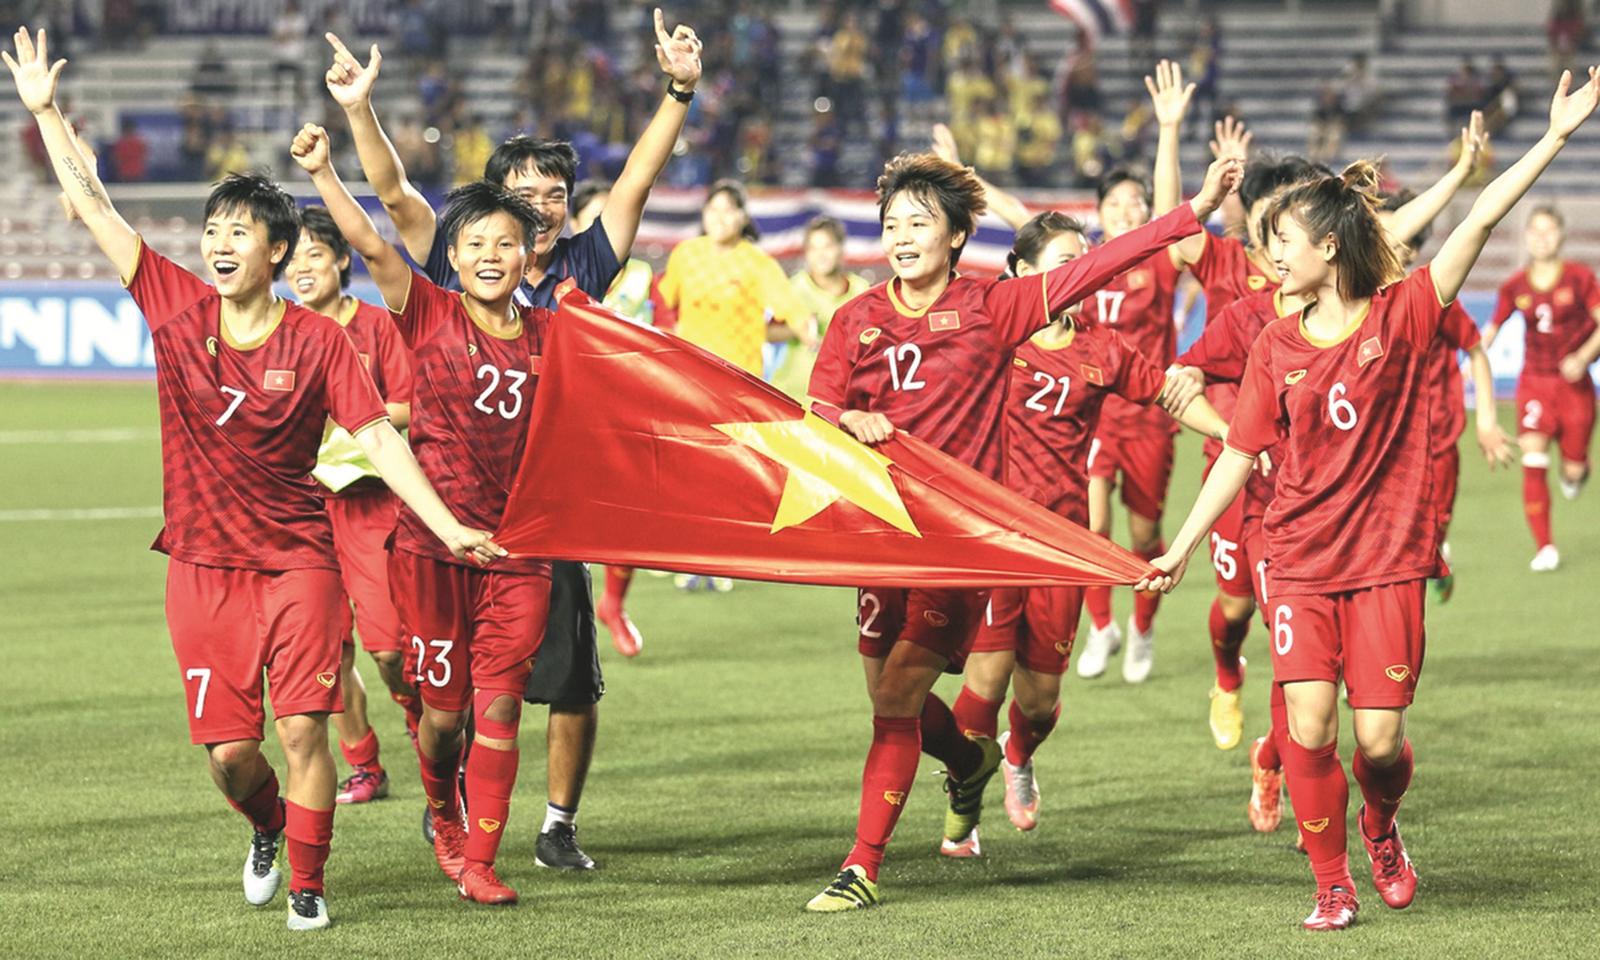 Bóng đá Việt Nam 2019: Thăng hoa những nốt nhạc đỏ